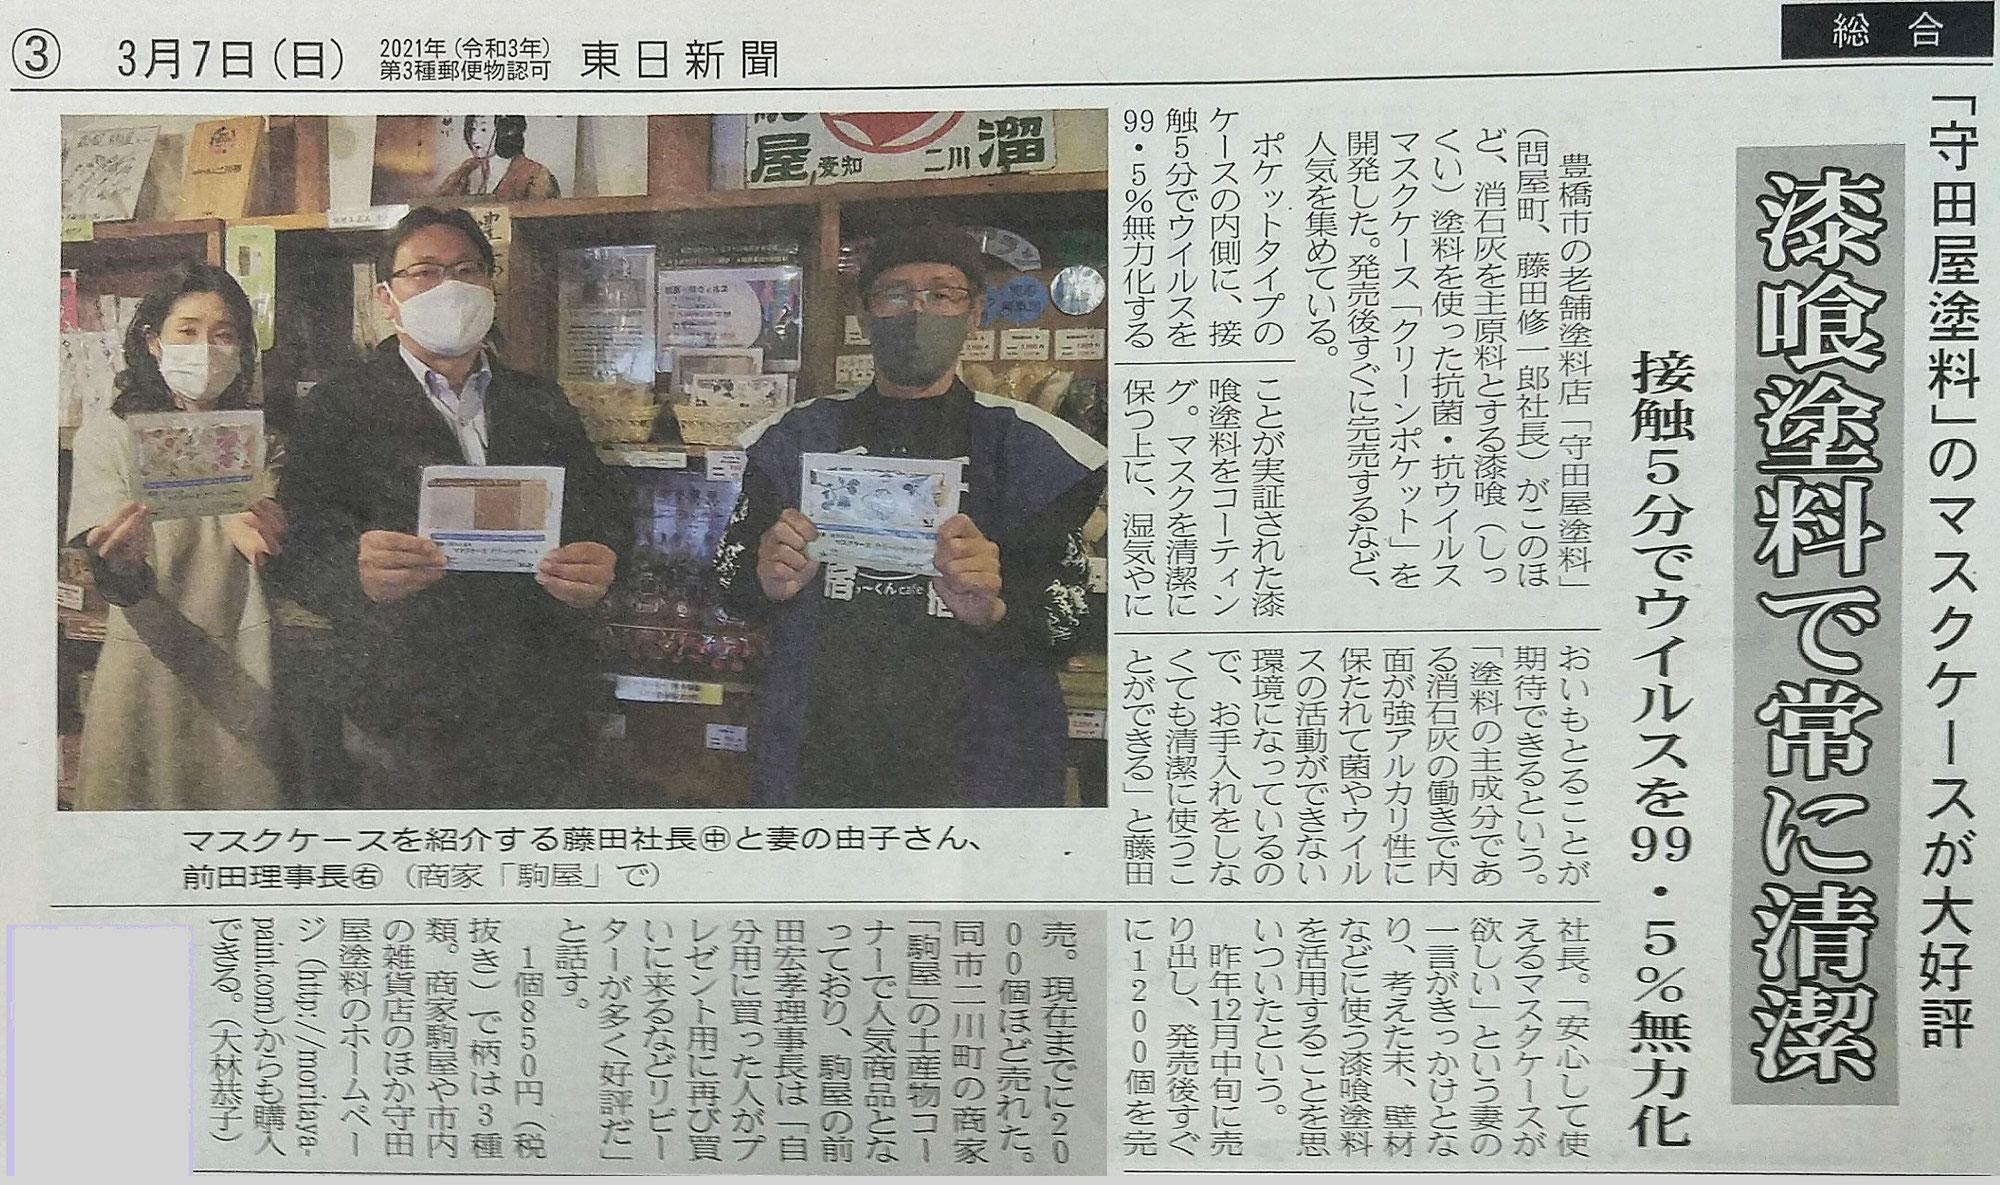 東日新聞に「クリーンポケット」が取り上げられました